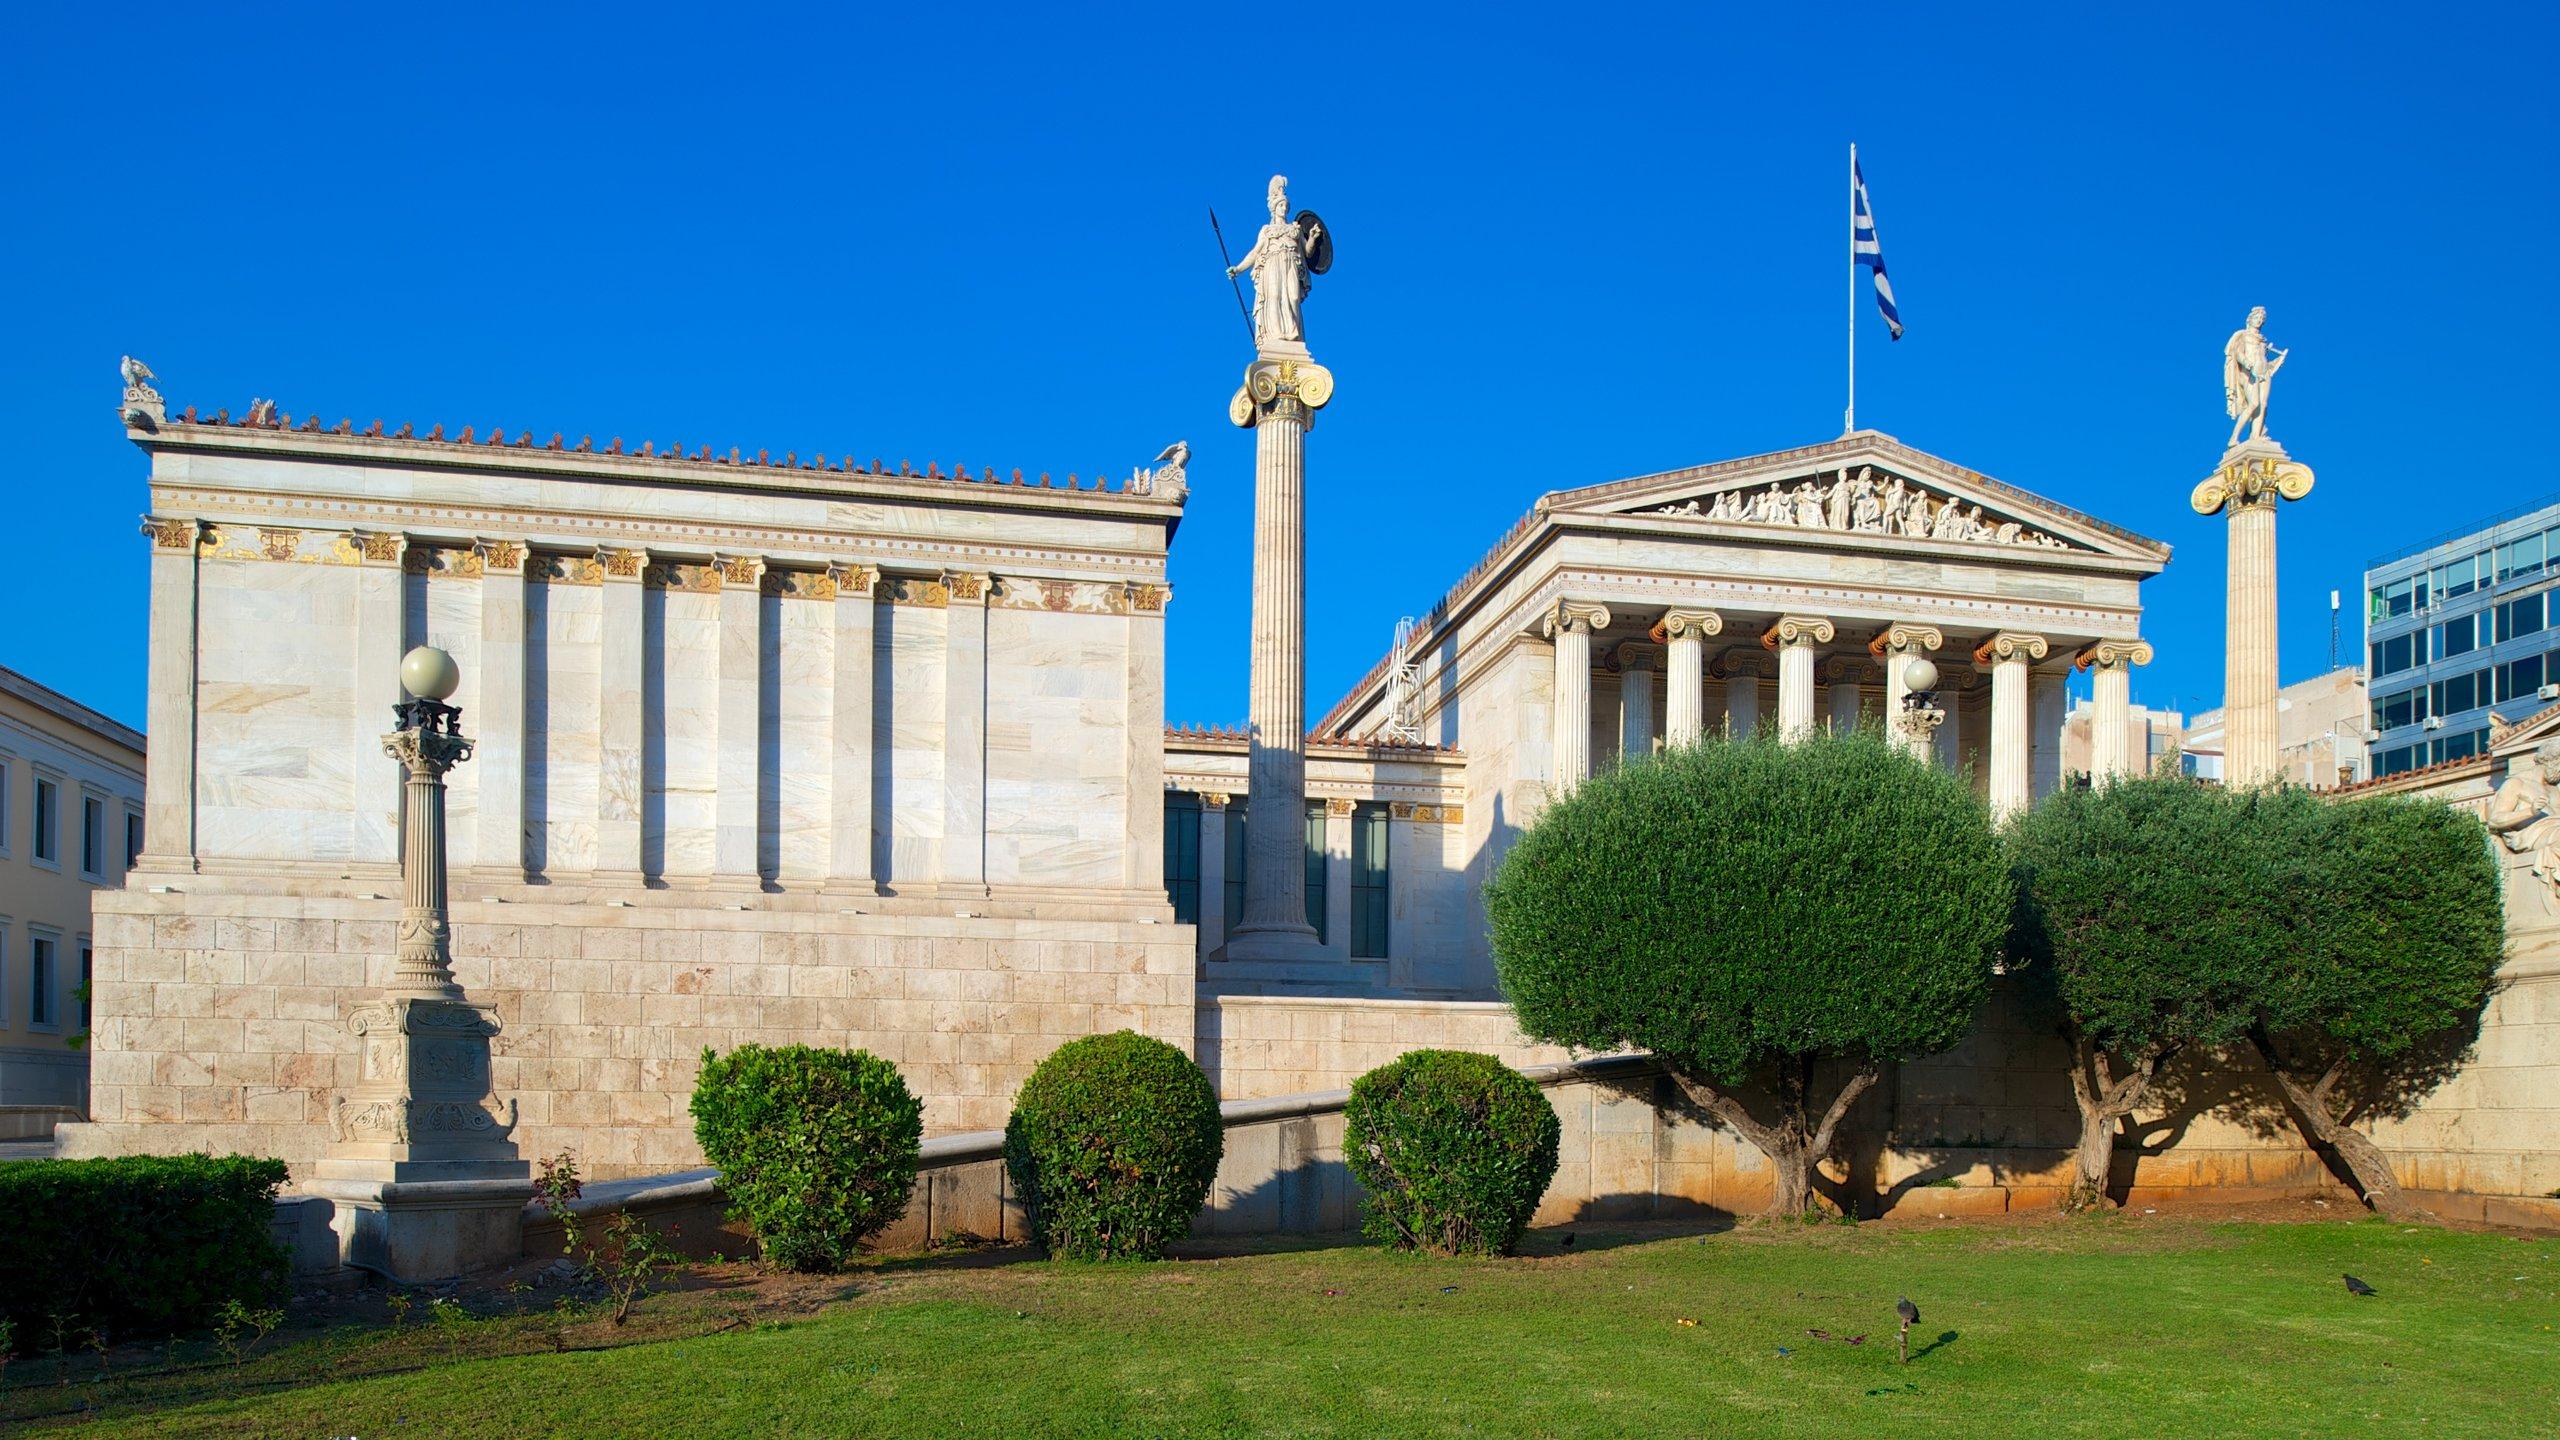 Athens City Centre, Athens, Attica, Greece